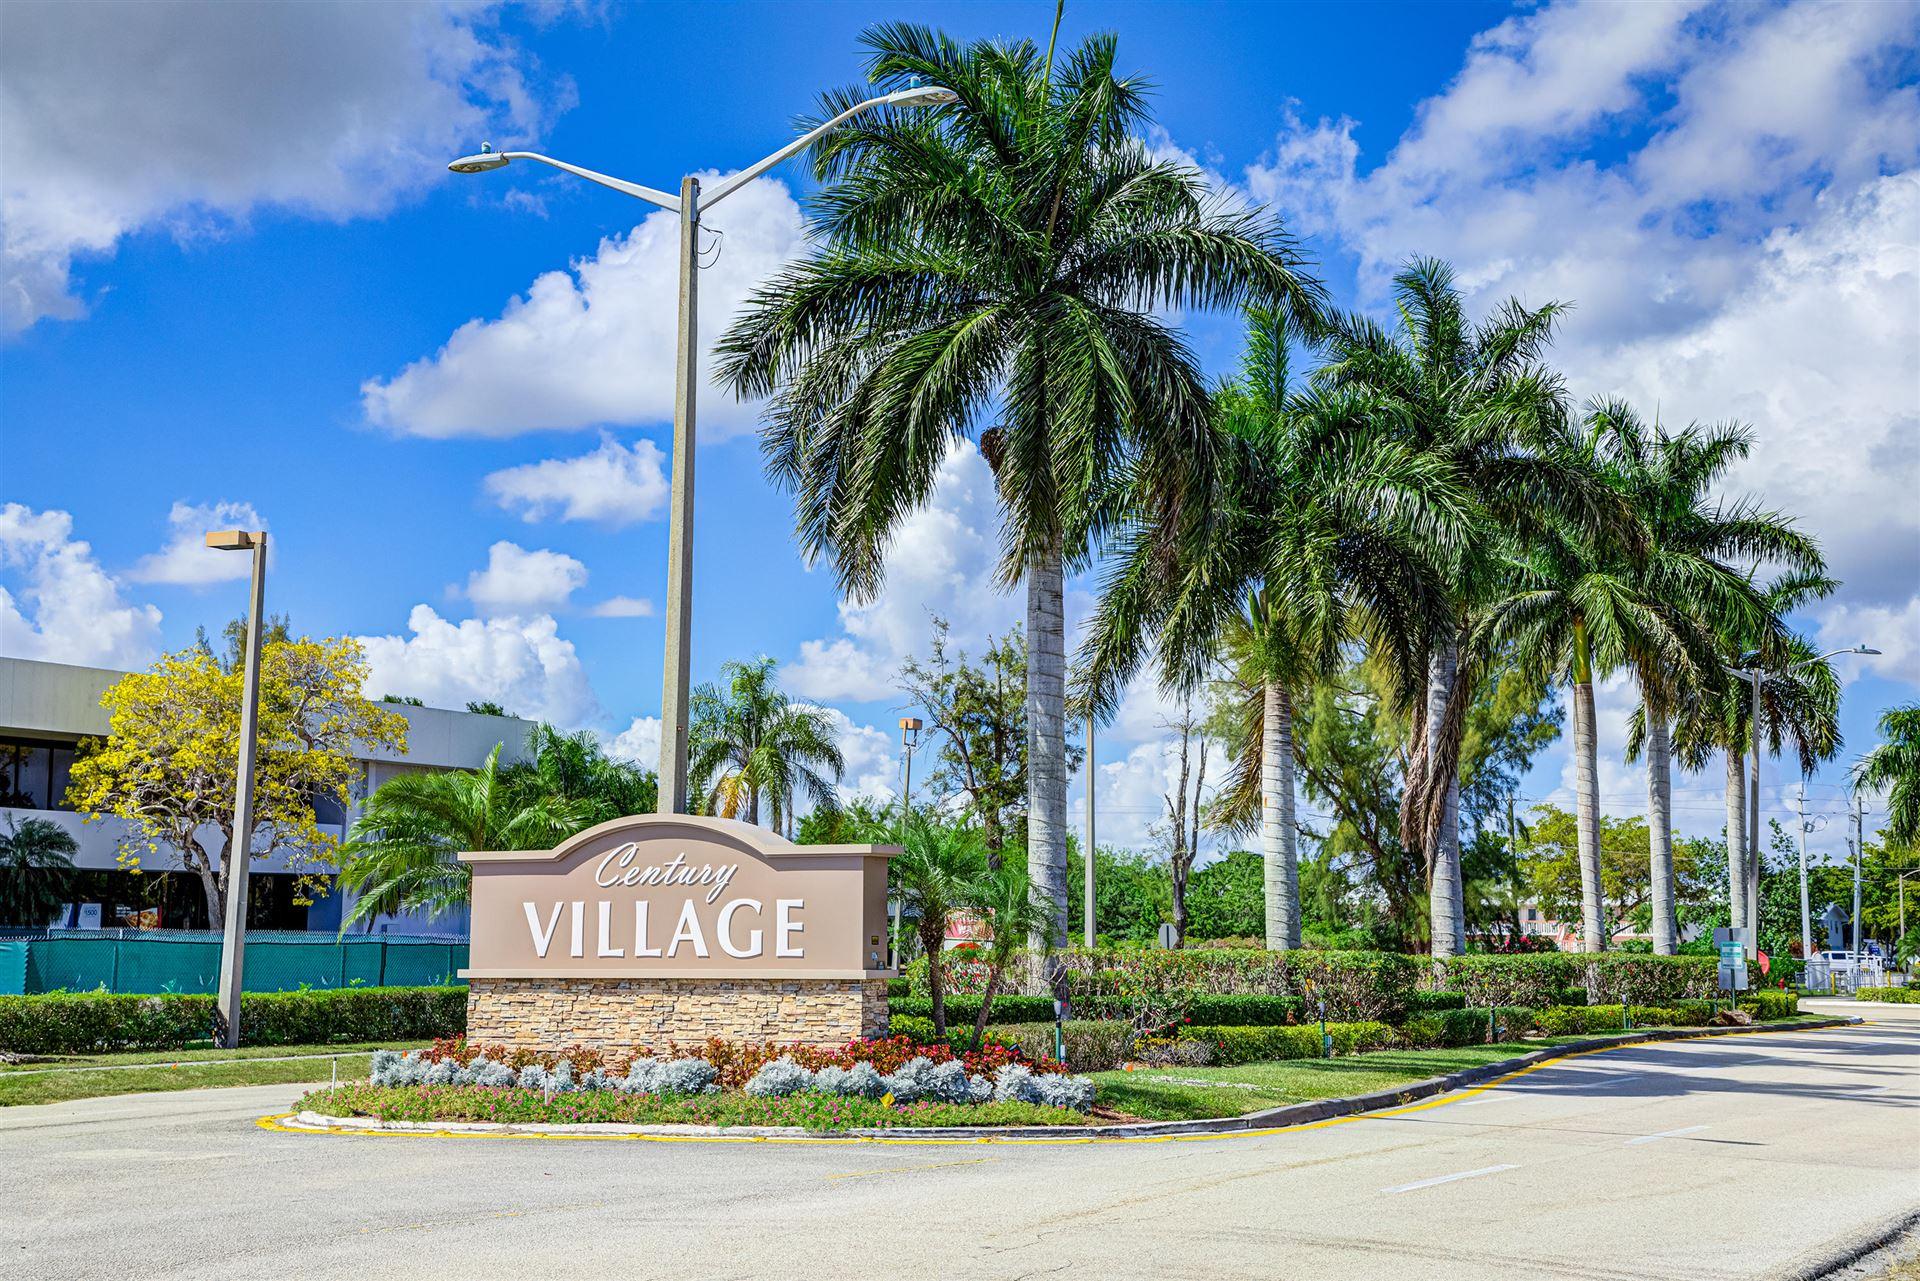 425 Southampton B, West Palm Beach, FL 33417 - #: RX-10648718